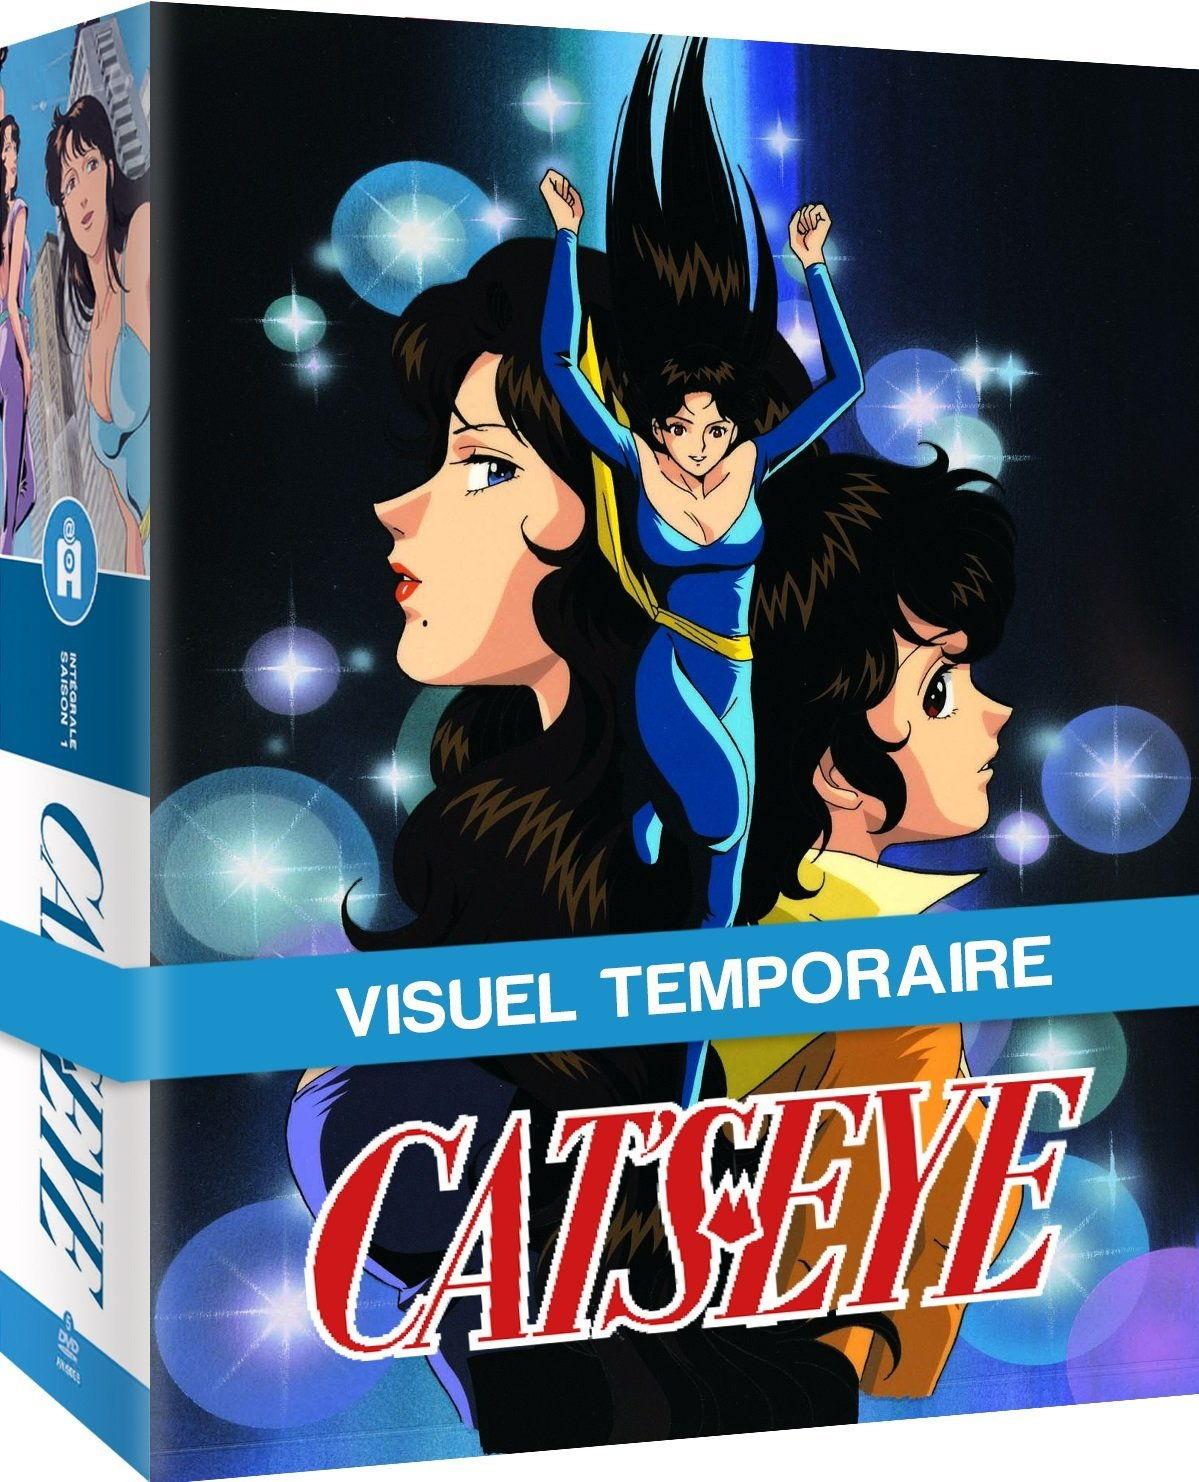 Coffret Blu-ray Cat's Eye - Intégrale (Saison 1 + 2)